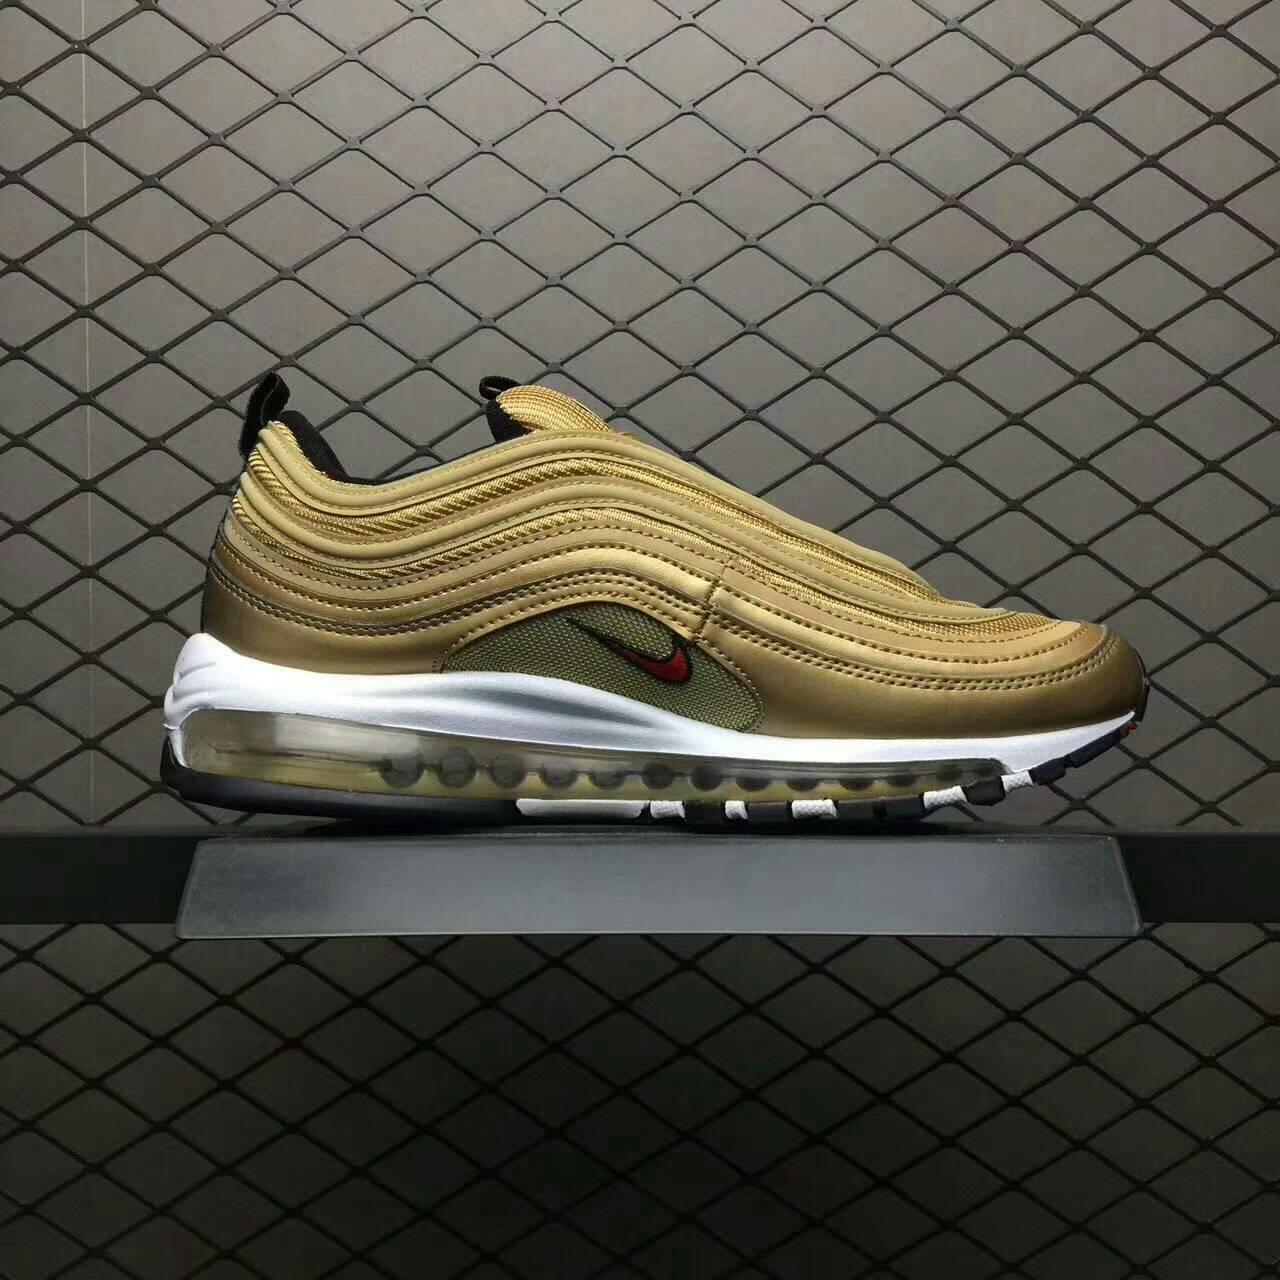 Nike Air Max 97 QS 「Metallic Gold」  97子彈 土豪金  男款